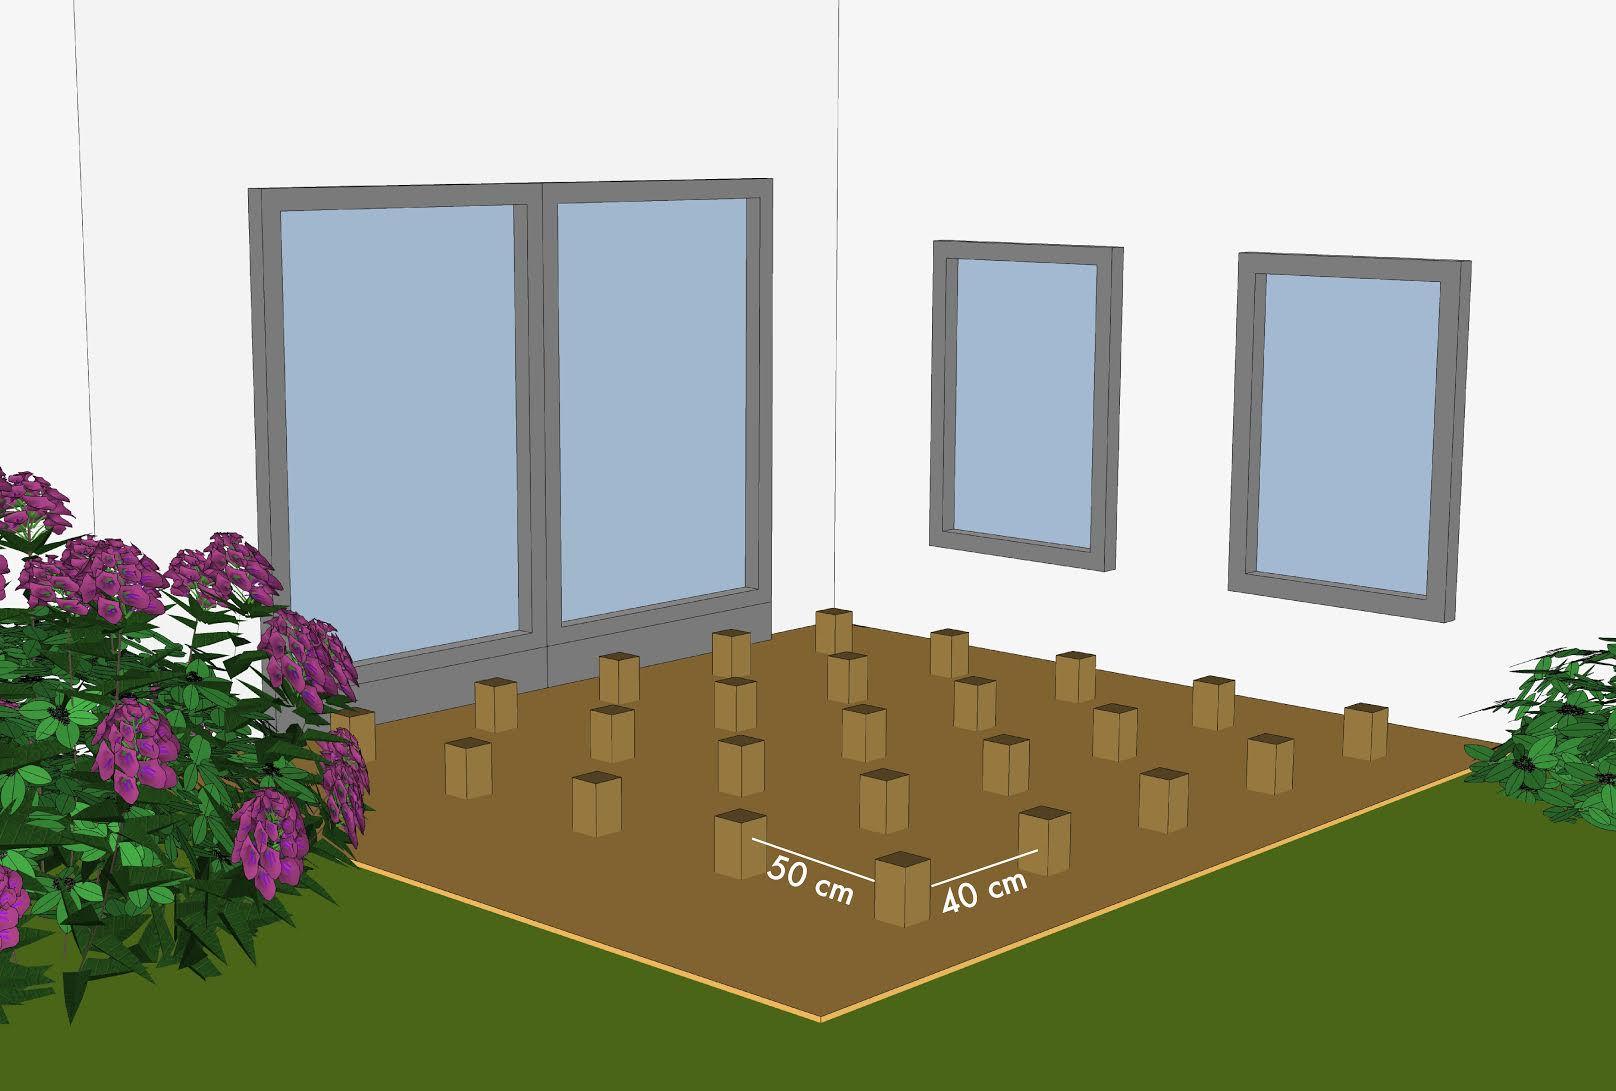 Vloer houten vloer leggen in voortent : Diverse rijen Piketpalen plaatsen om de de 40 cm, de fundering van uw ...